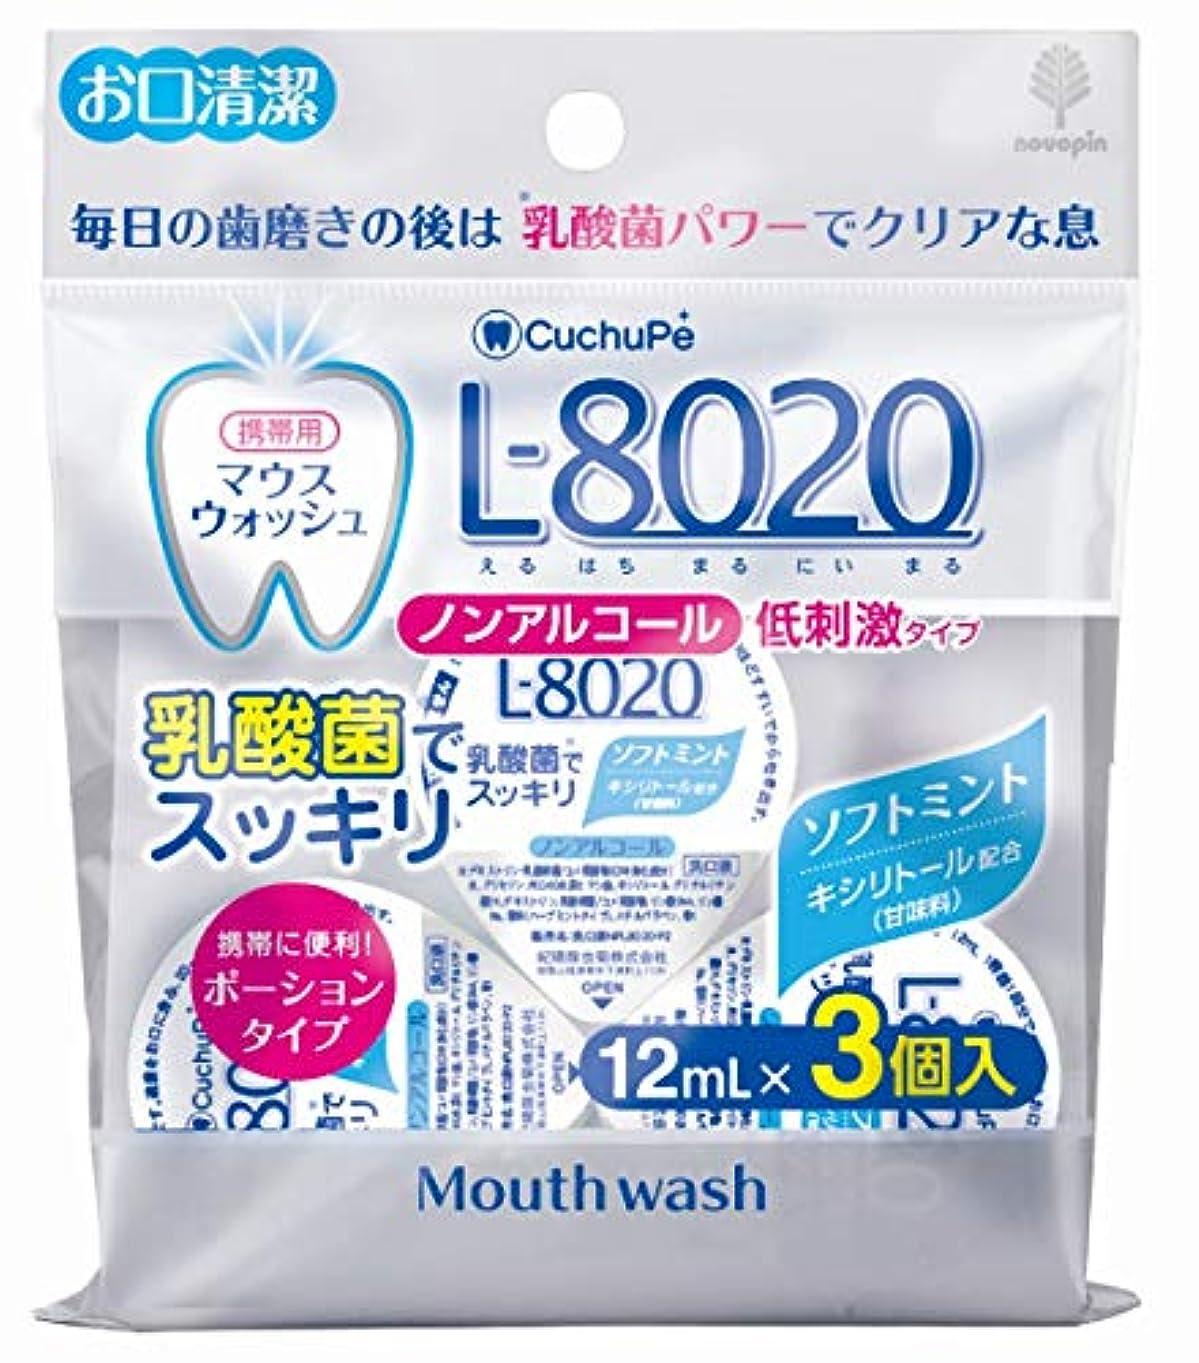 いろいろアミューズメント表面的な日本製 made in japan クチュッペL-8020 ソフトミント ポーションタイプ3個入(ノンアルコール) K-7094【まとめ買い10個セット】